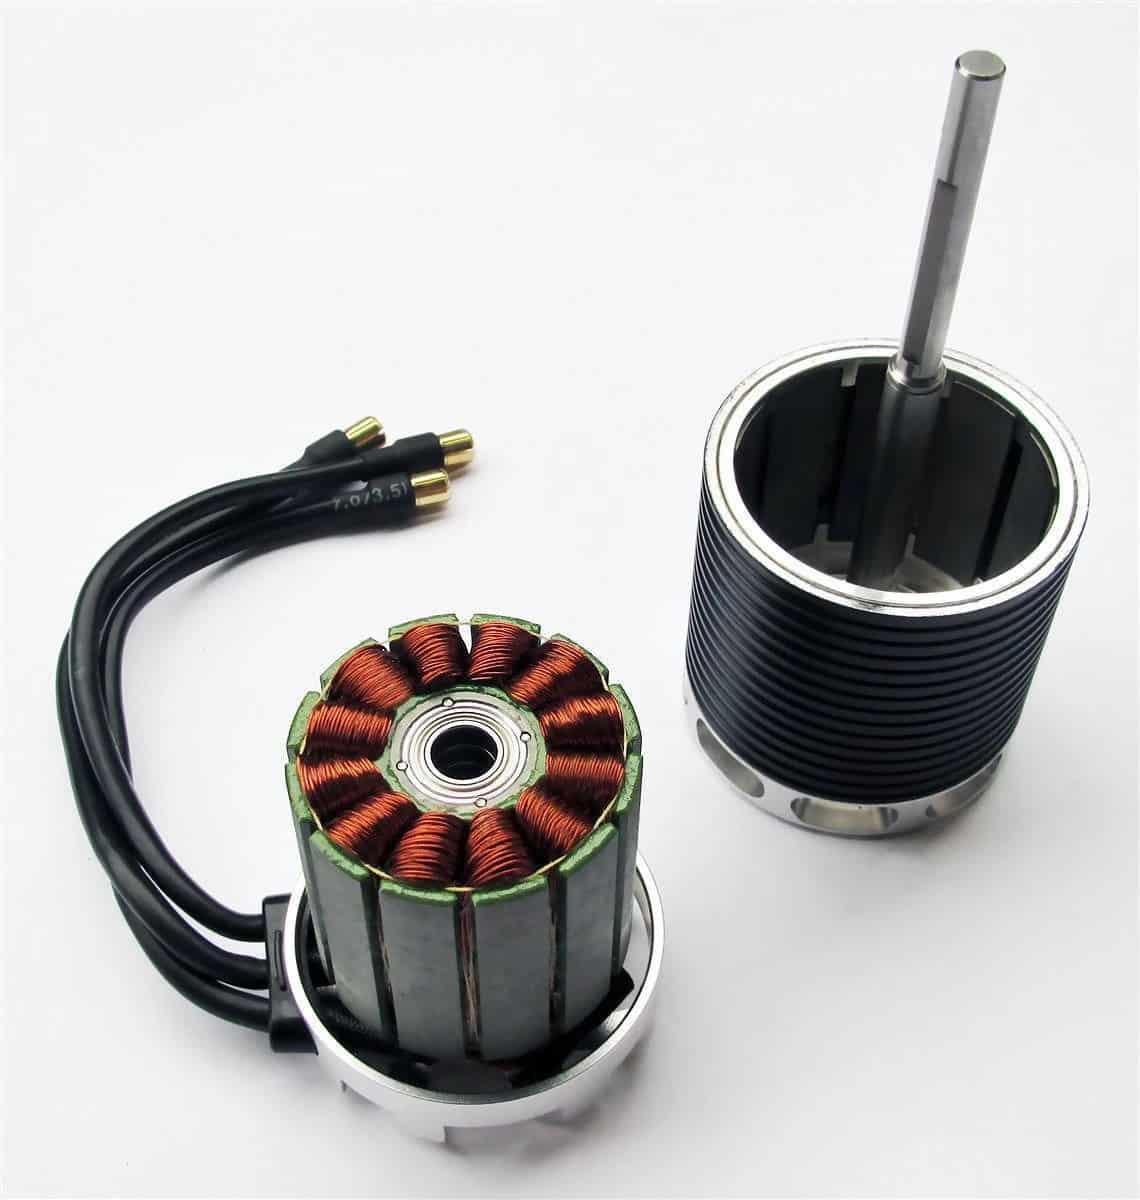 Вентильный двигатель с внешним ротором